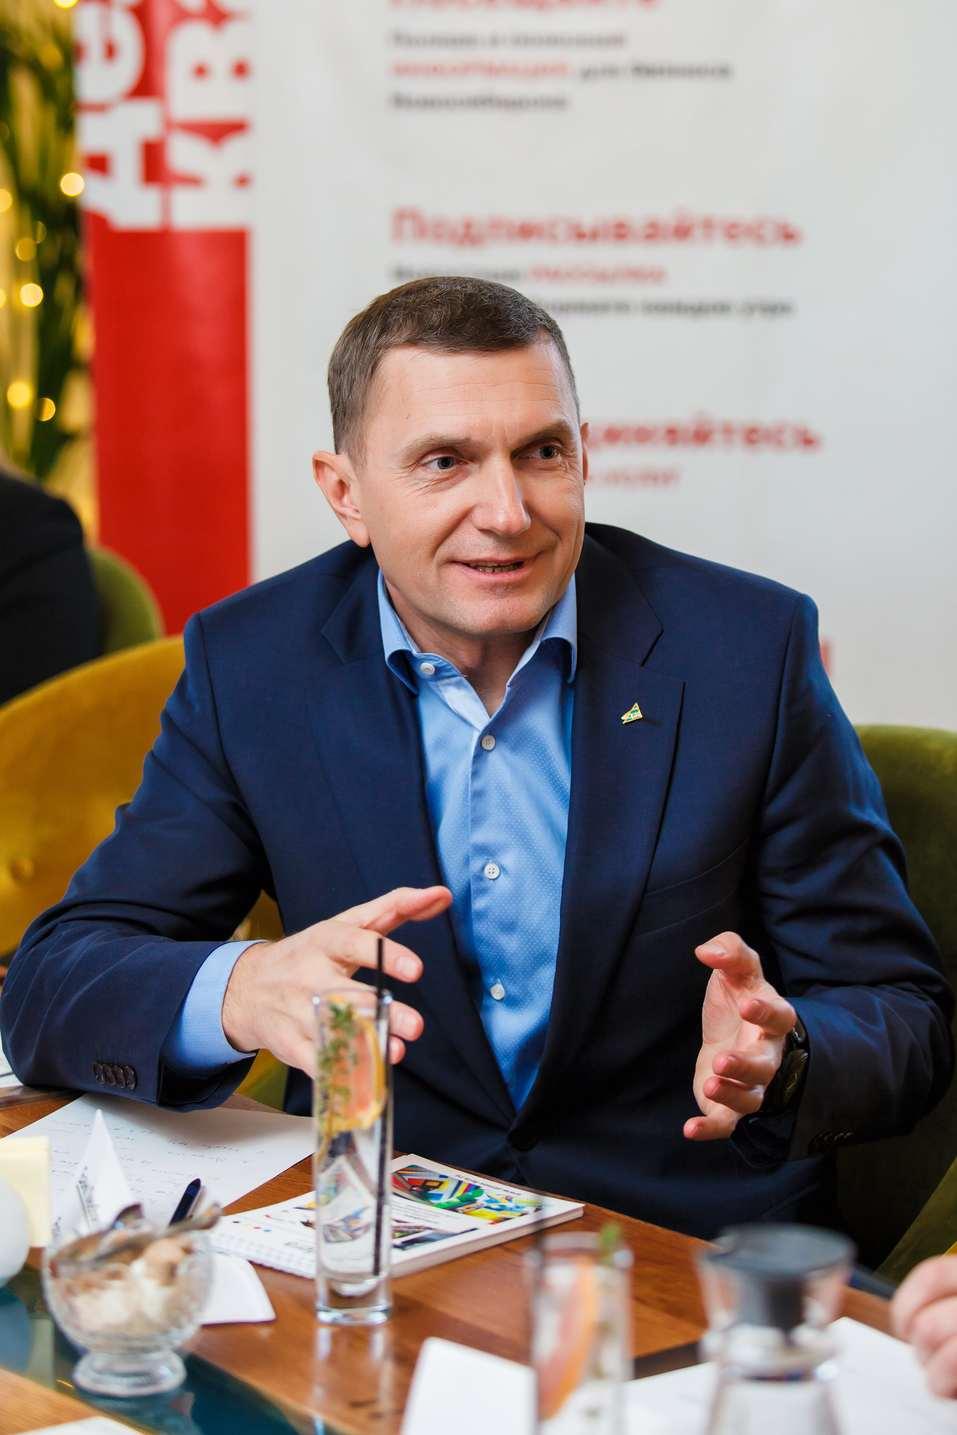 Новосибирские банкиры: «Мы  должны быть готовы к тому, чего мы еще не знаем» 3